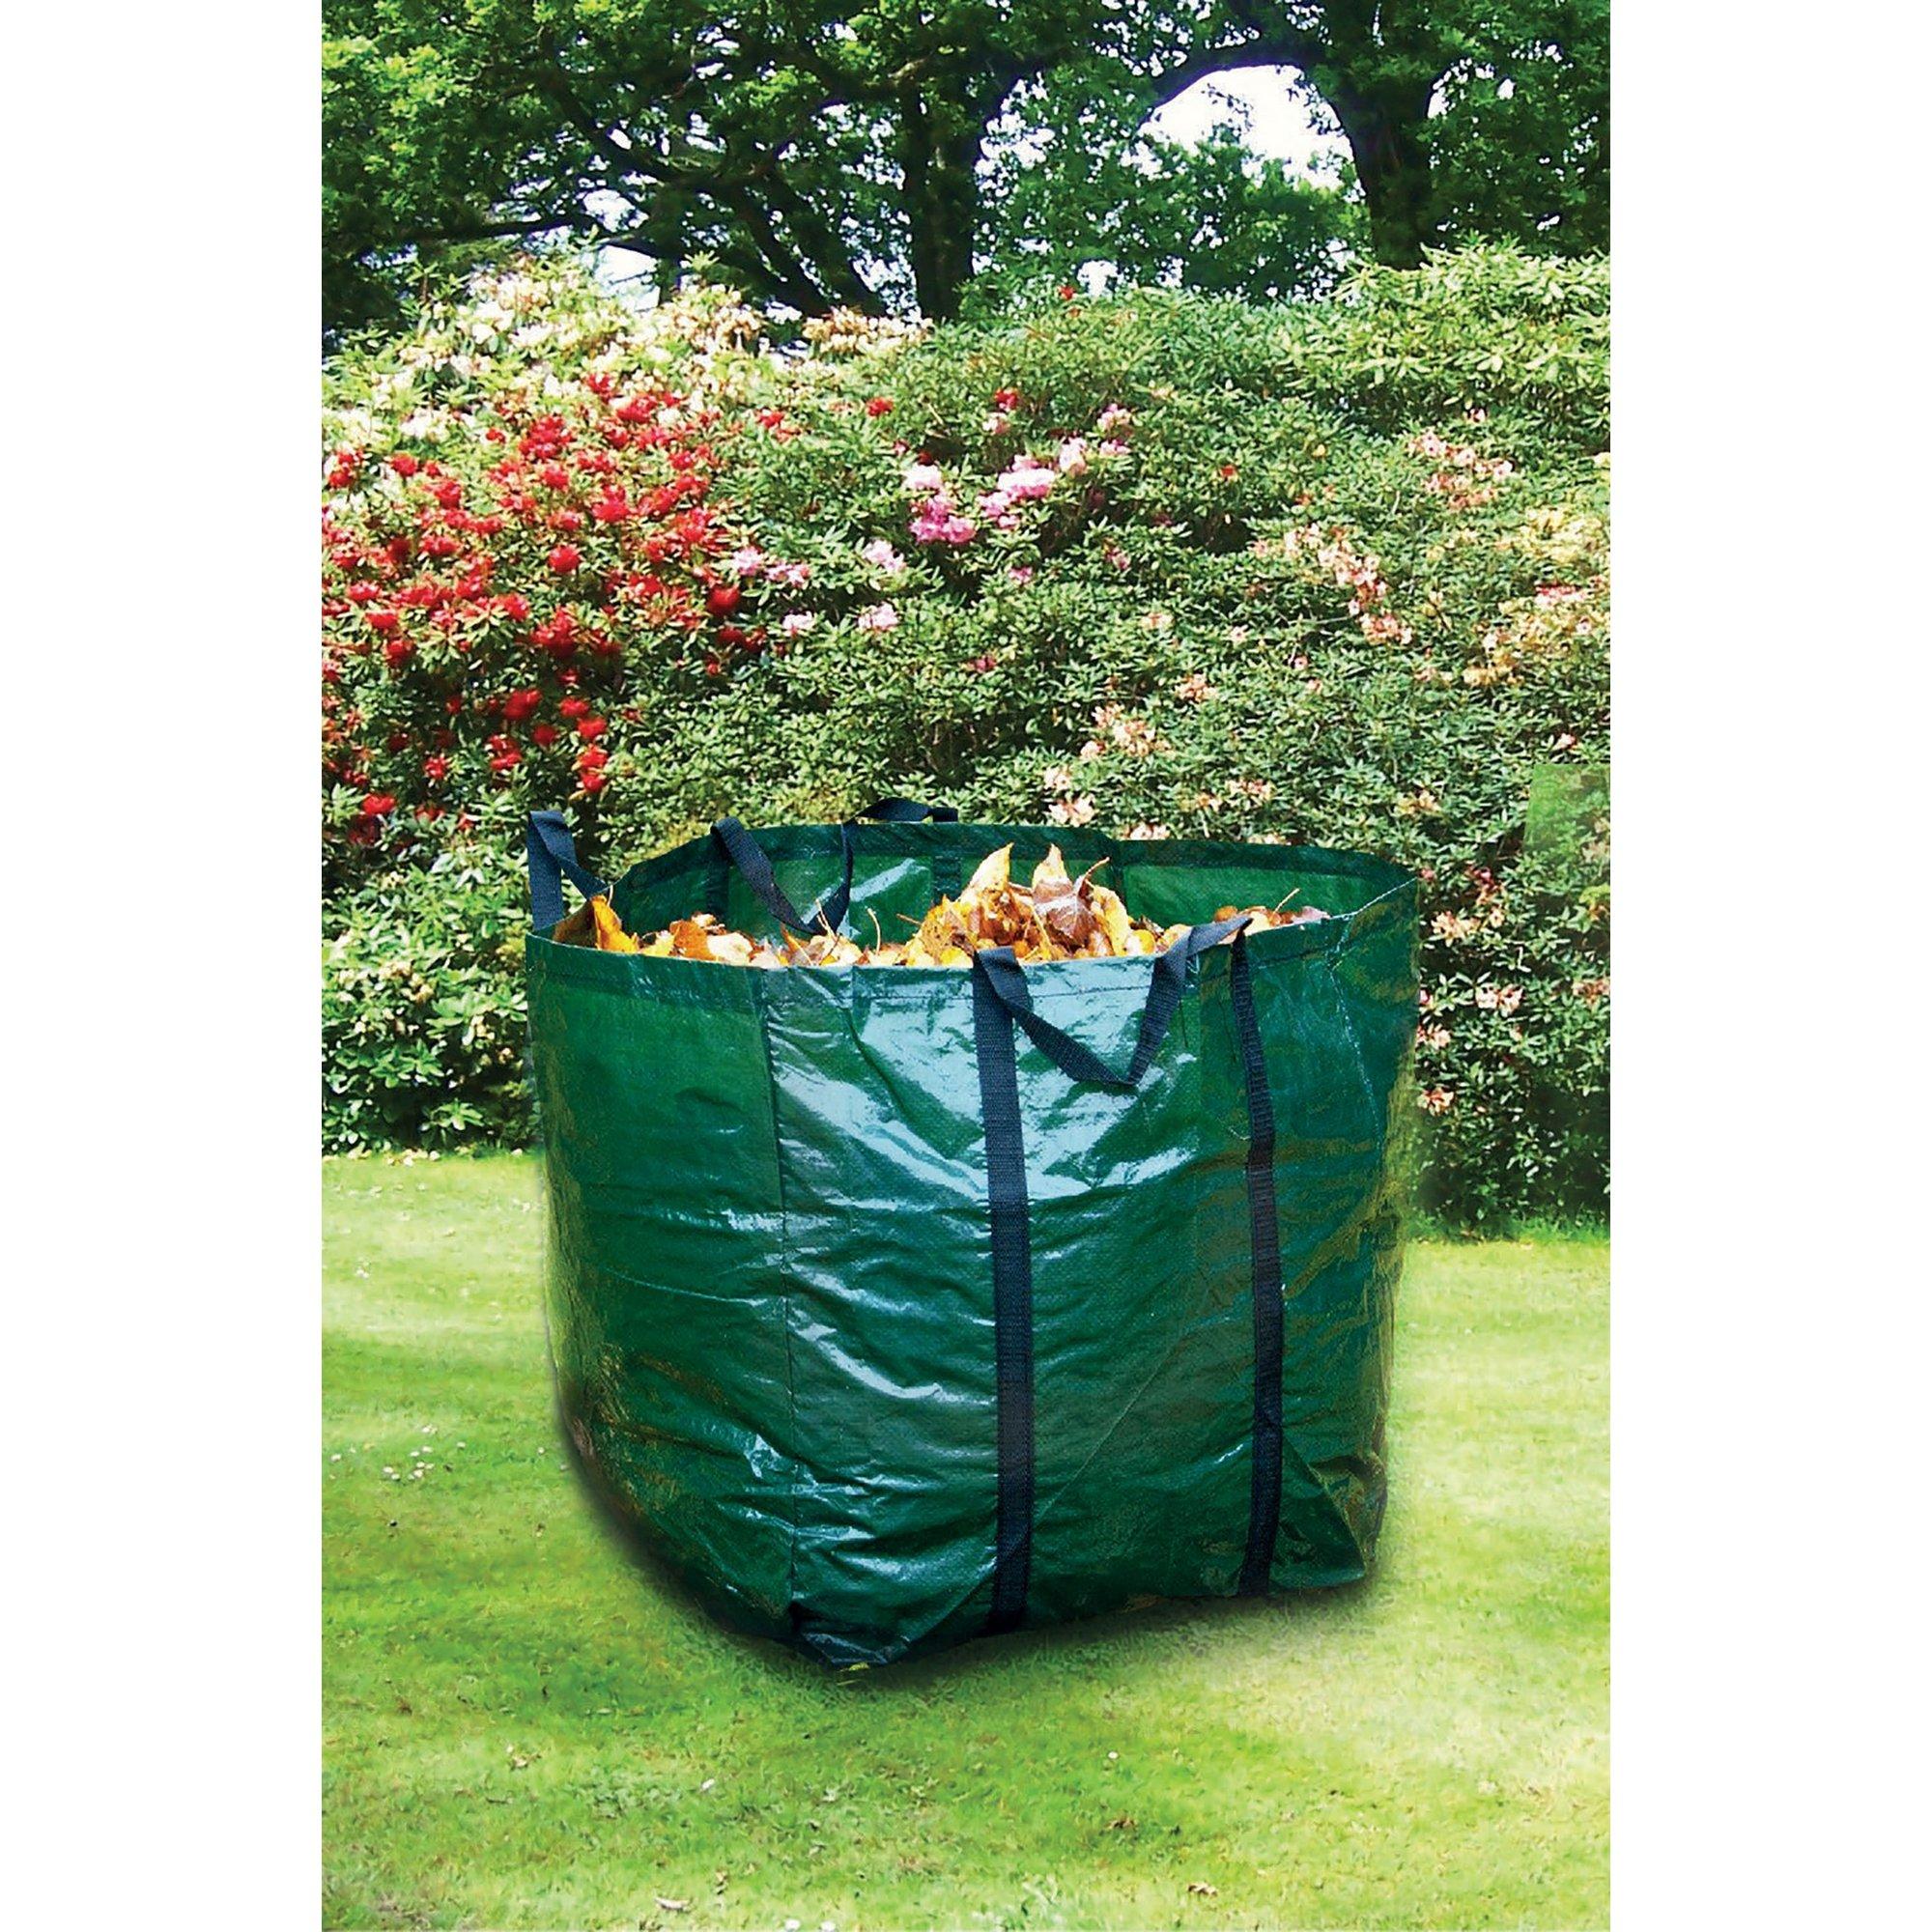 Image of 1 Tonne Heavy Duty Garden Waste Bag Single